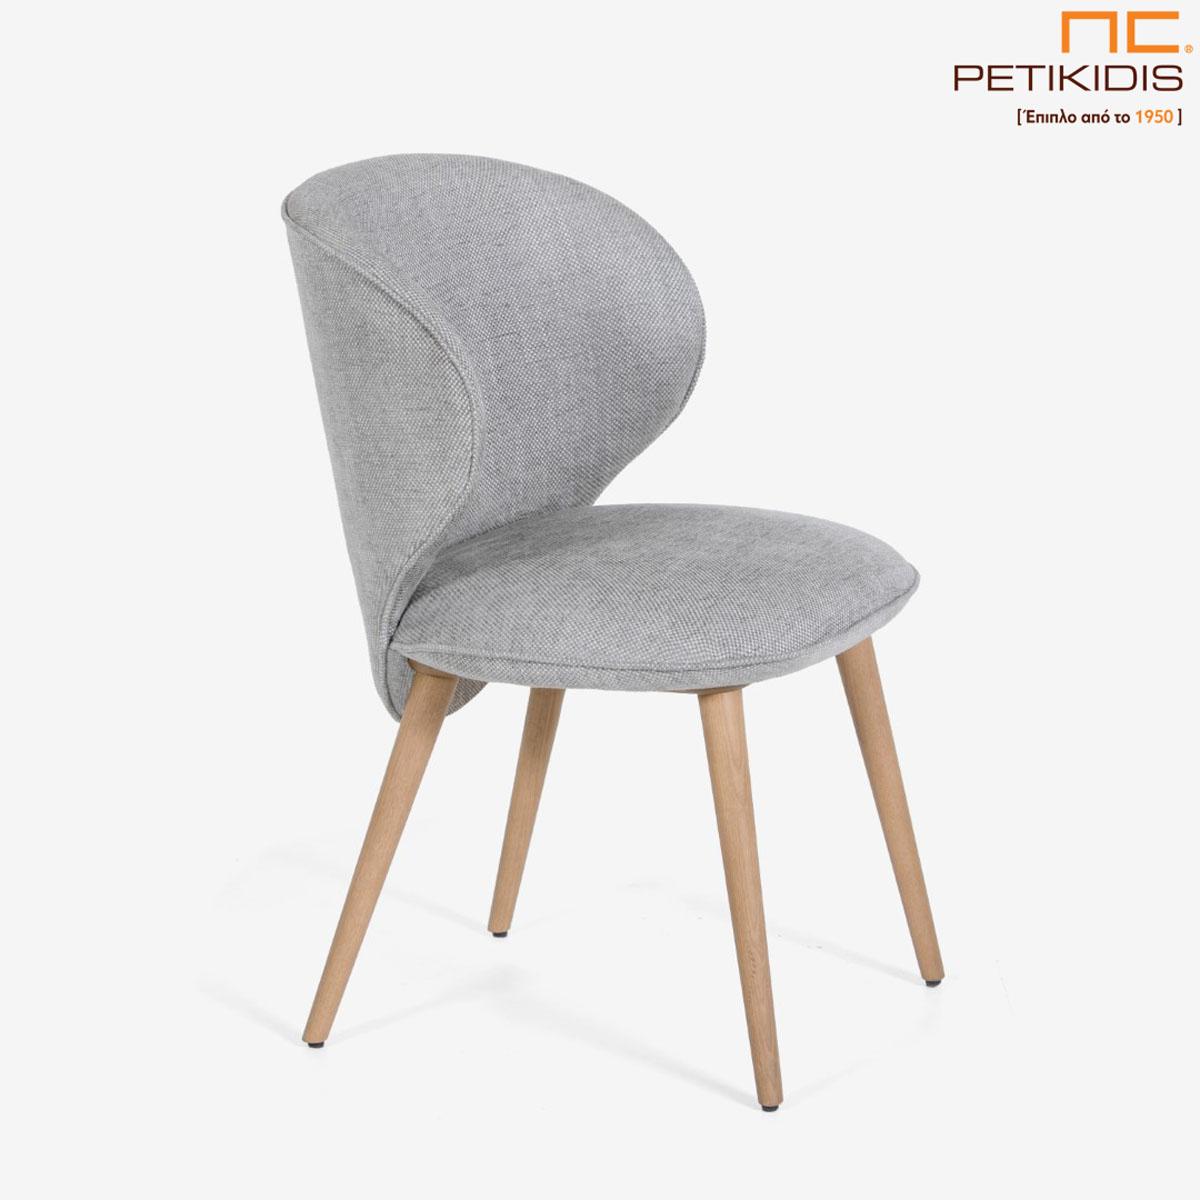 Καρέκλα Rose Α91 με μασίφ ξύλινα πόδια. Η πλάτη έχει ιδιαίτερο σχεδιασμό και ύφασμα σε γκρί αποχρώσεις αλέκιαστο και αδιάβροχο.